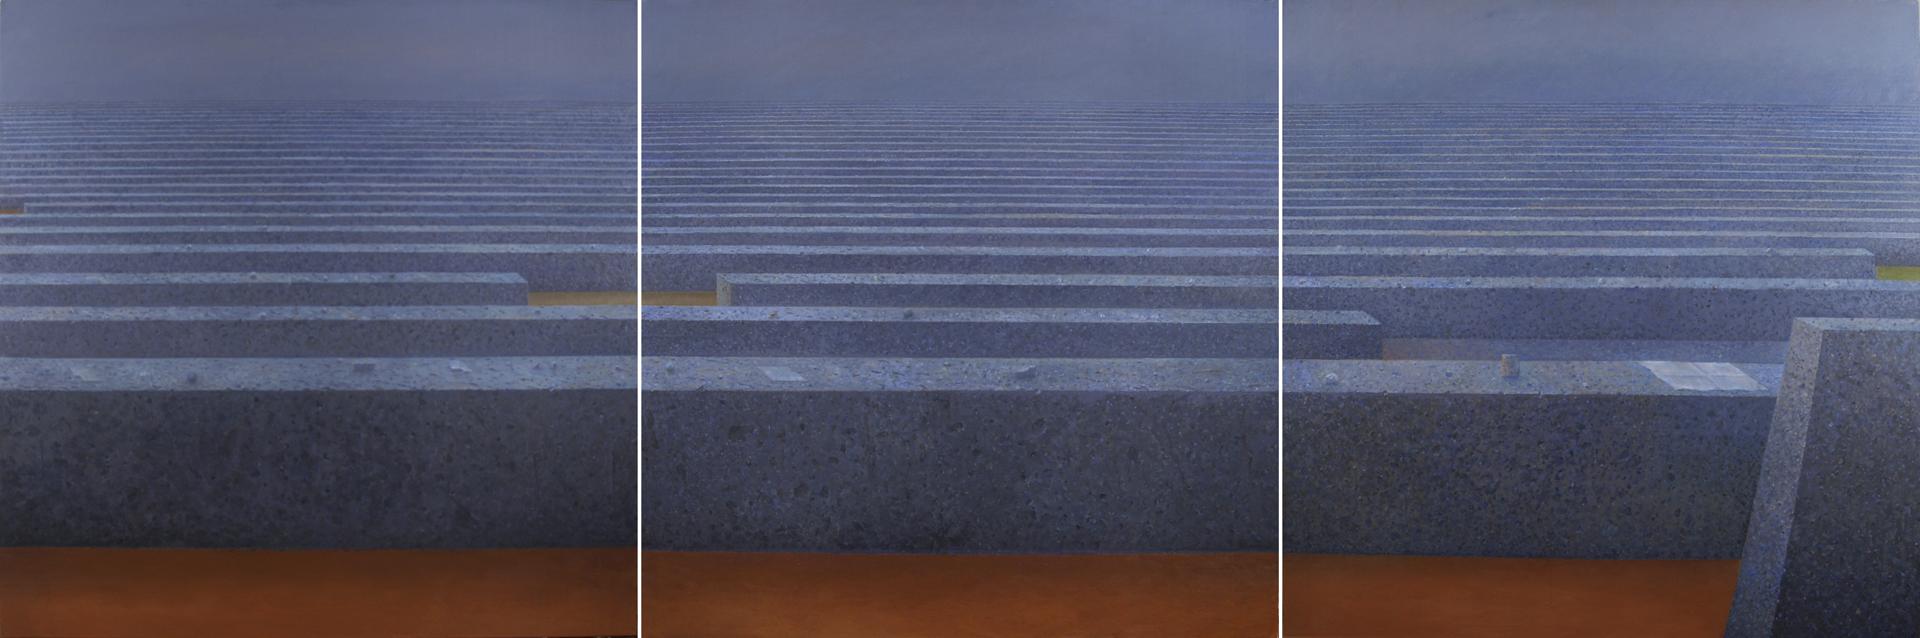 Horyzont, 4,5,6, 2005-2006, 150x150cm